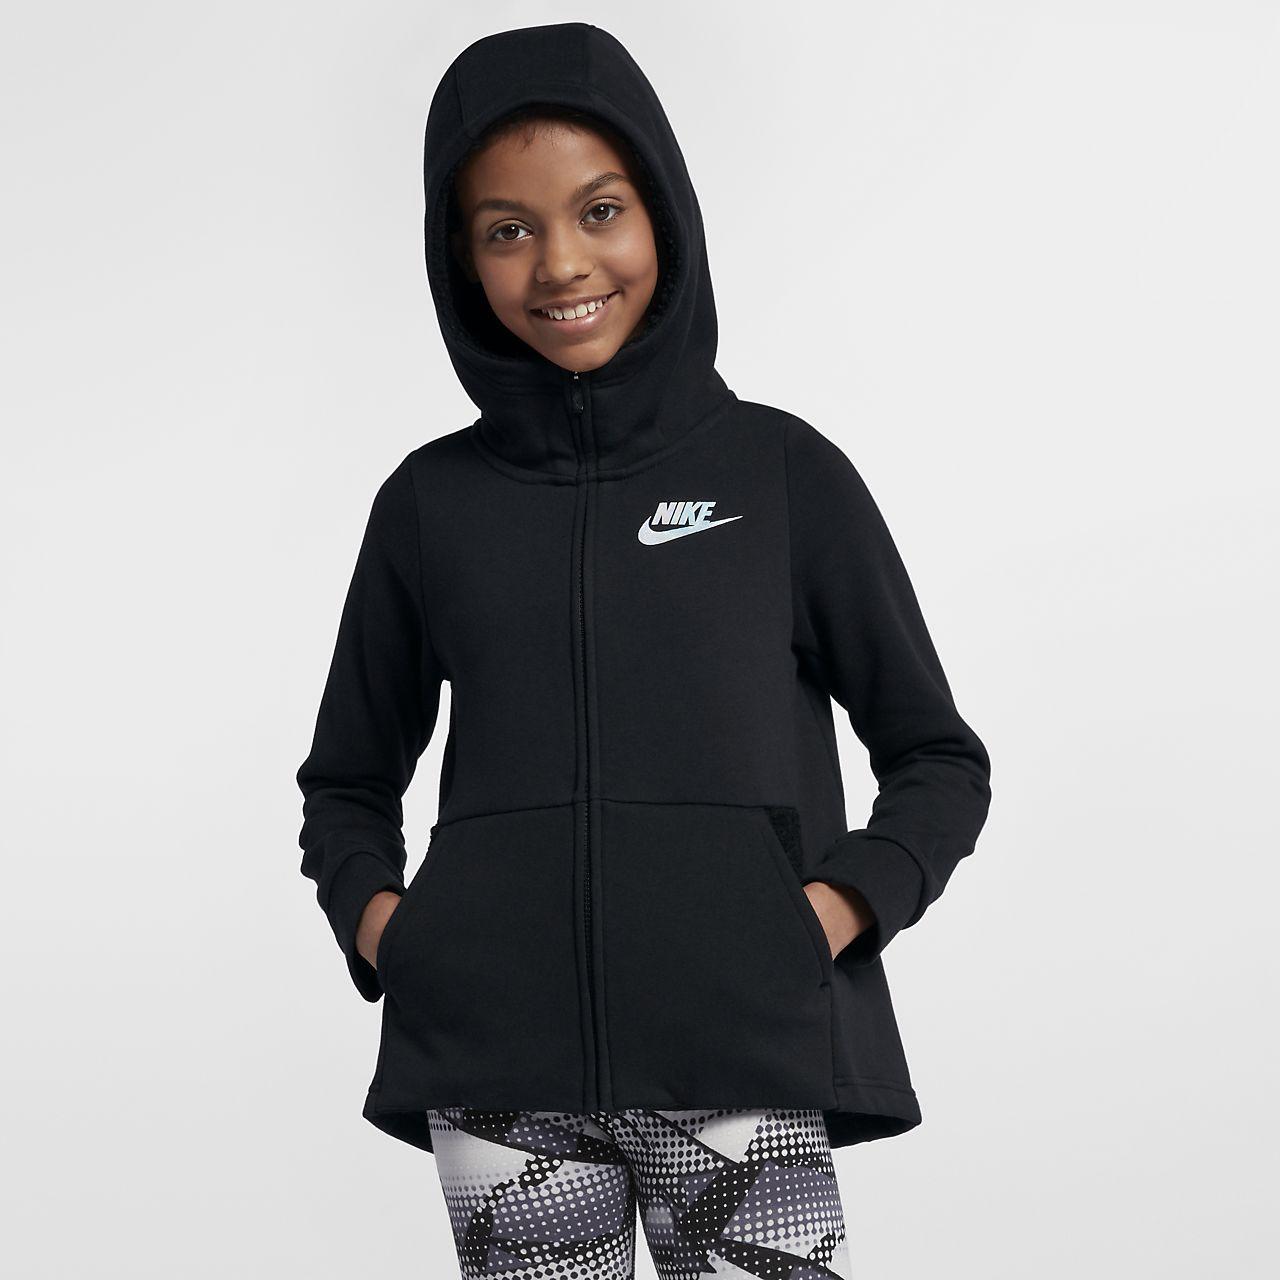 4b199fee46 ... Sweat à capuche entièrement zippé Nike Sportswear pour Fille plus âgée